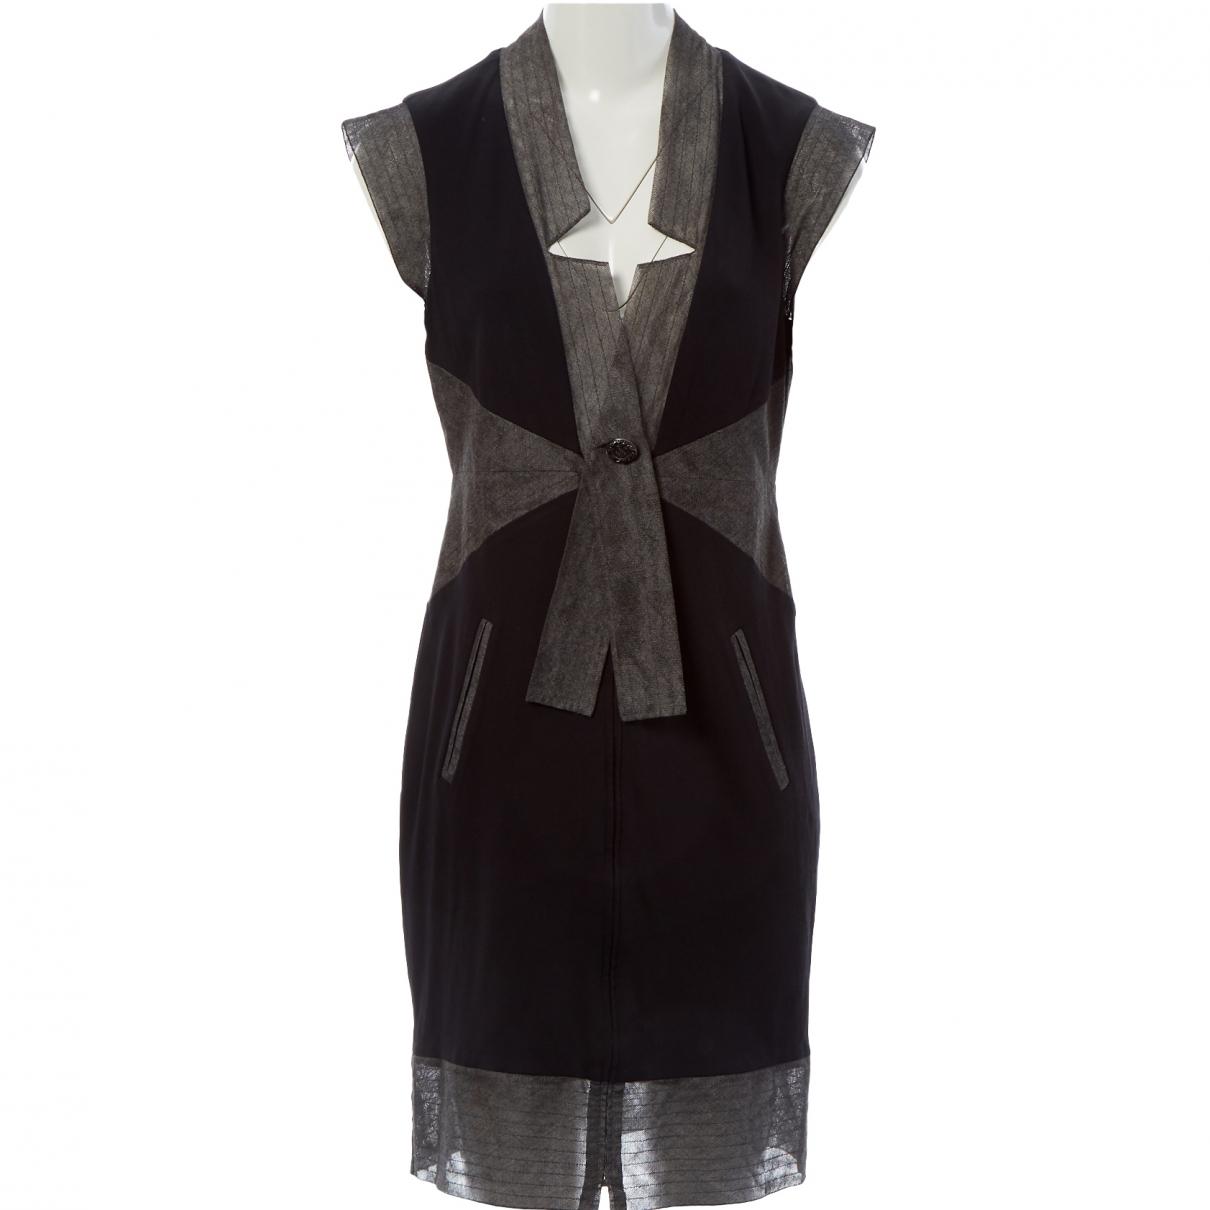 Chanel \N Grey dress for Women 40 FR